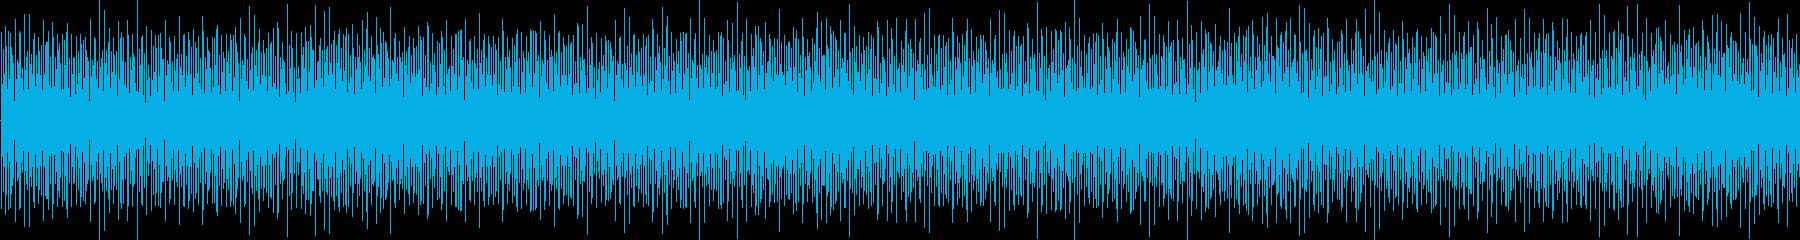 【ループ】ほのぼの、かわいい、陽気、口笛の再生済みの波形